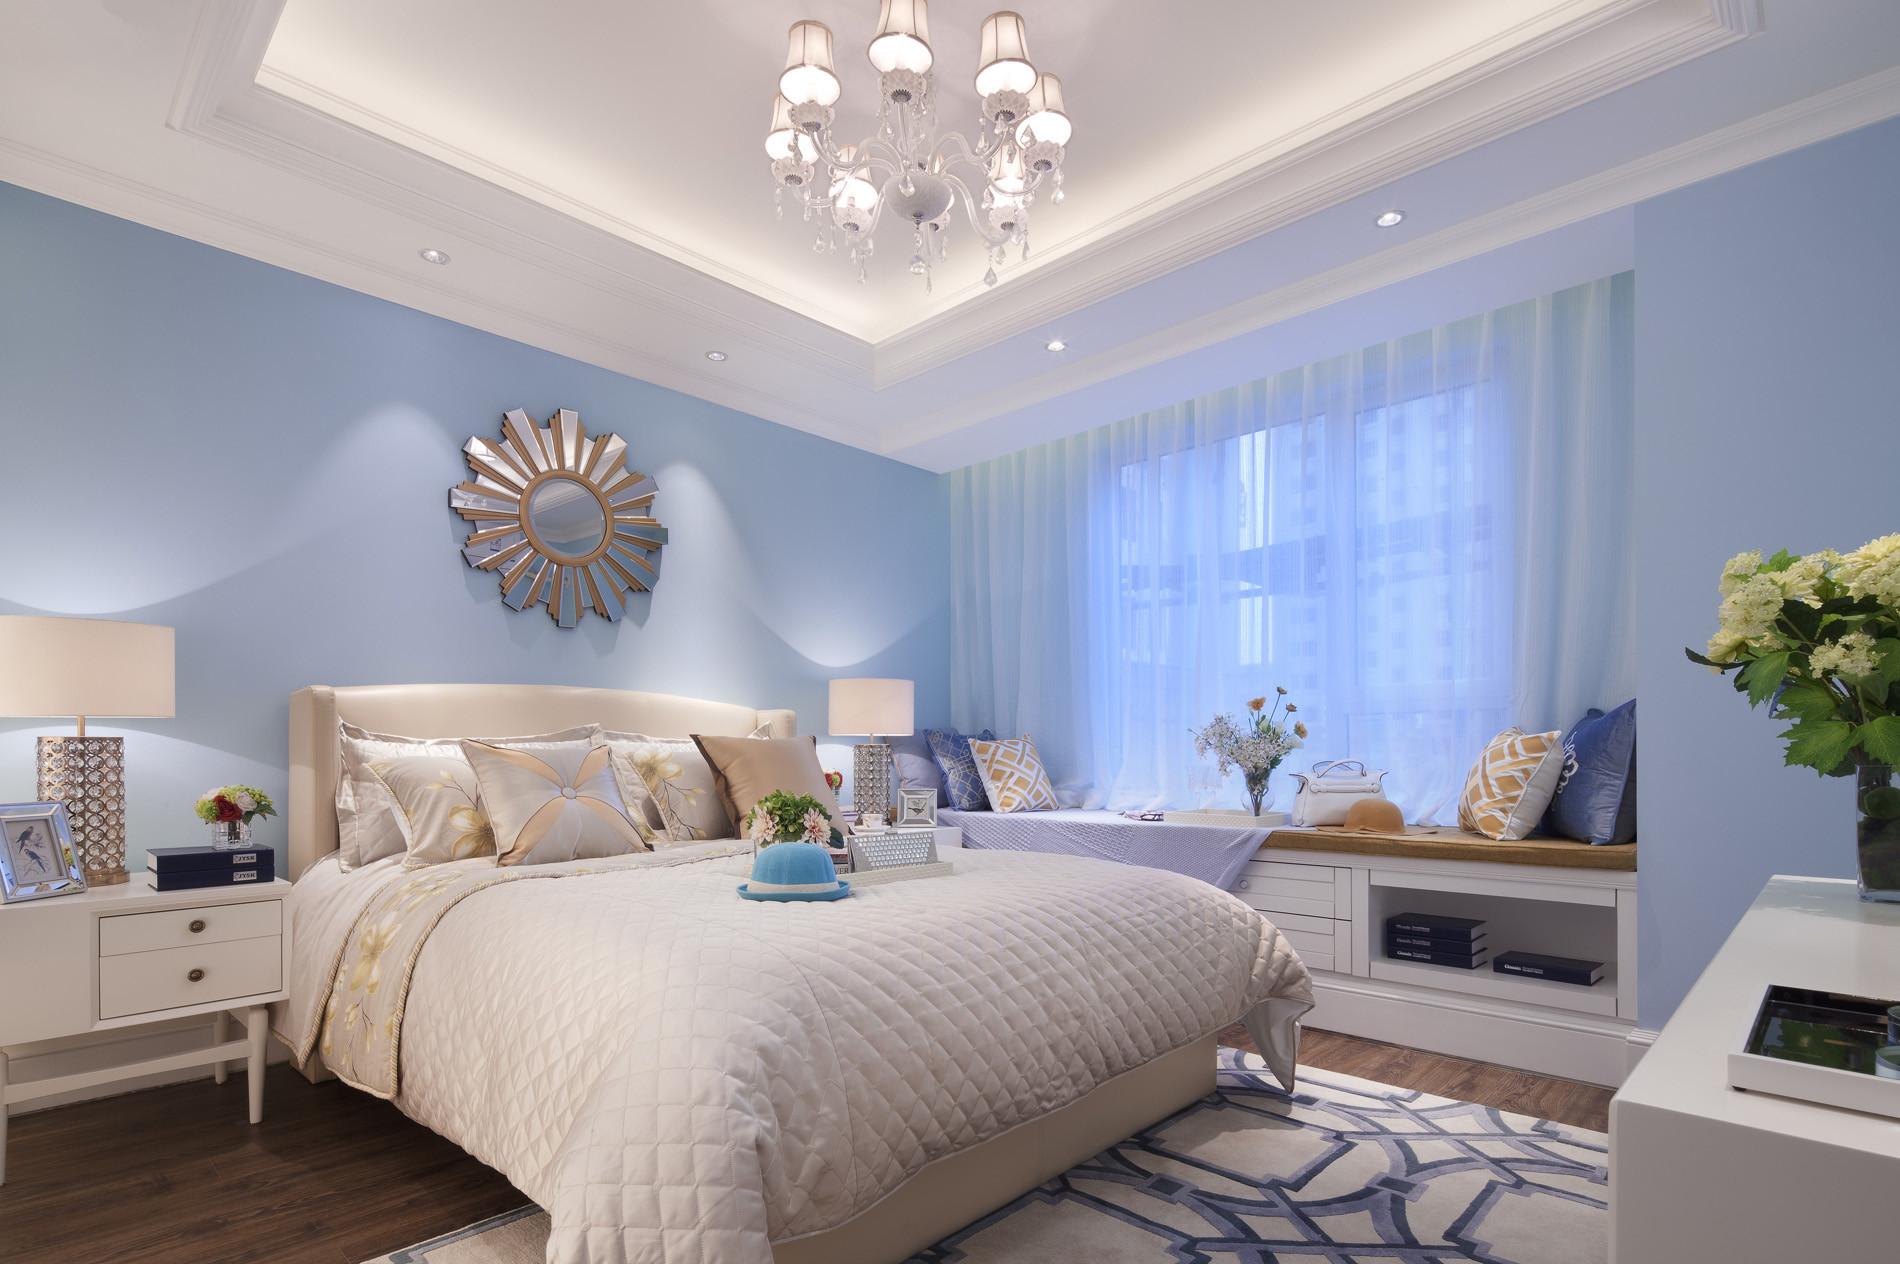 【装修技巧】深圳家装公司邀您一起6个卧室设计效果图